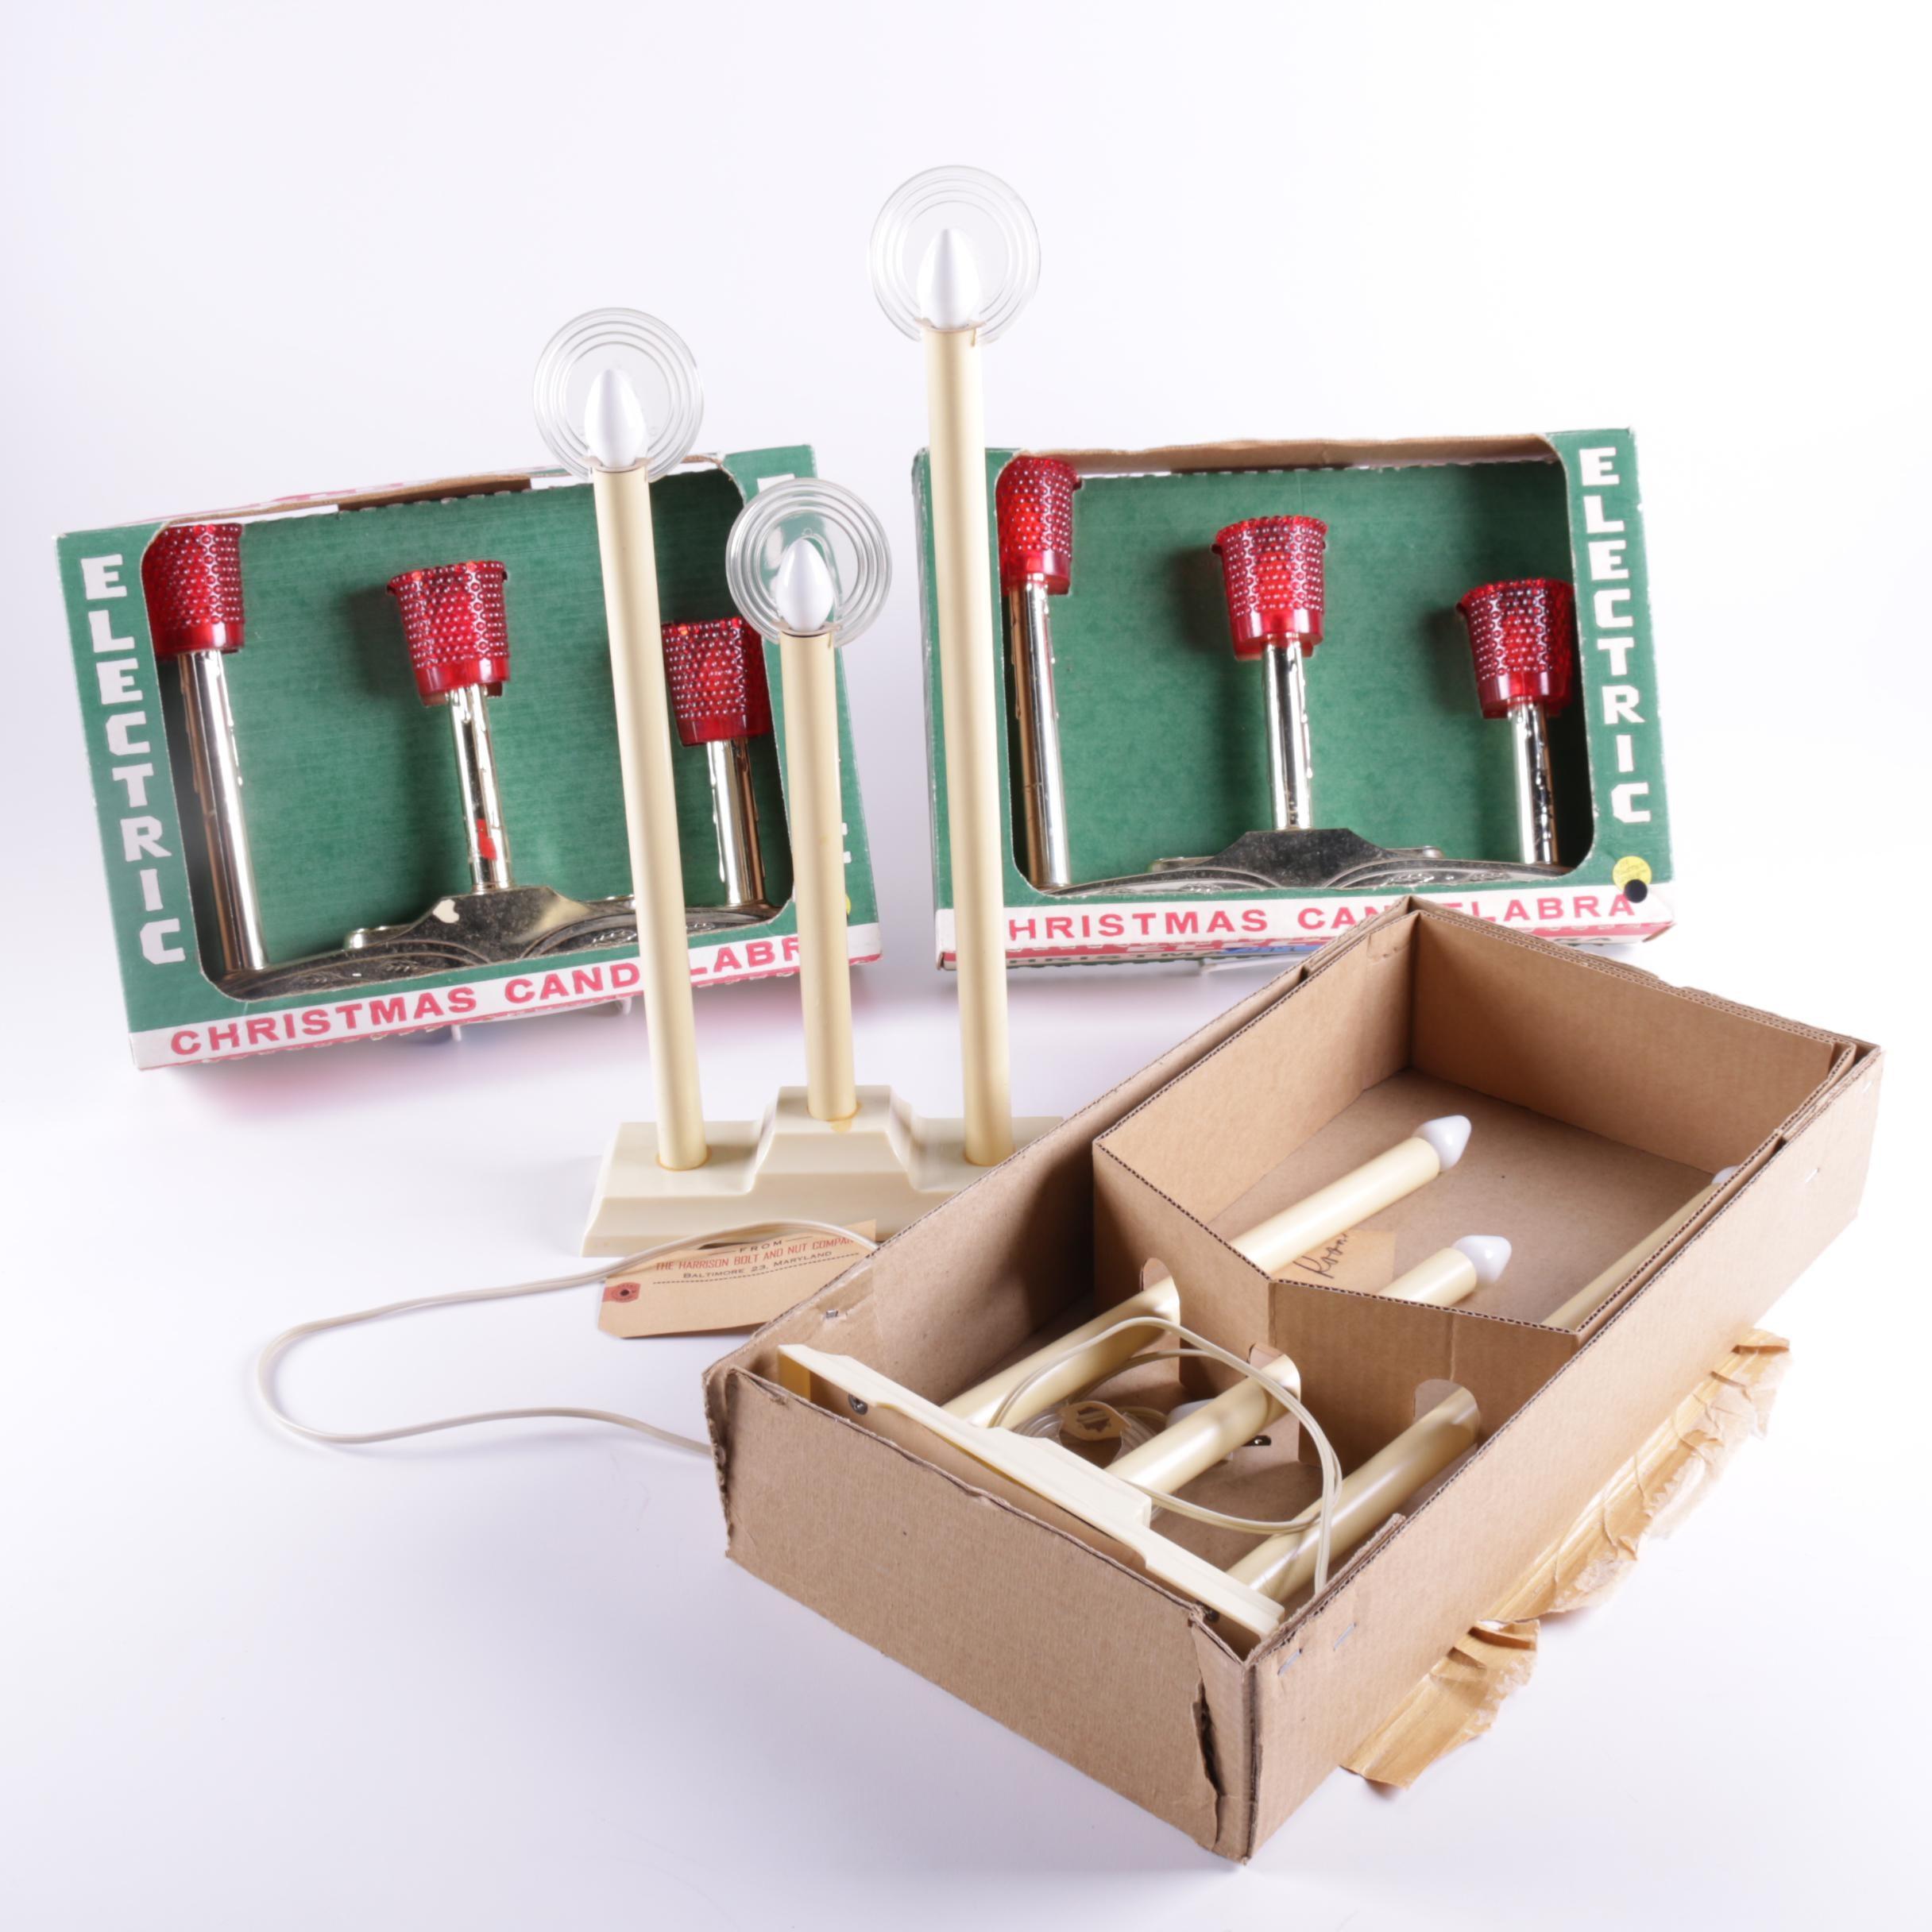 Vintage Electric Candelabras